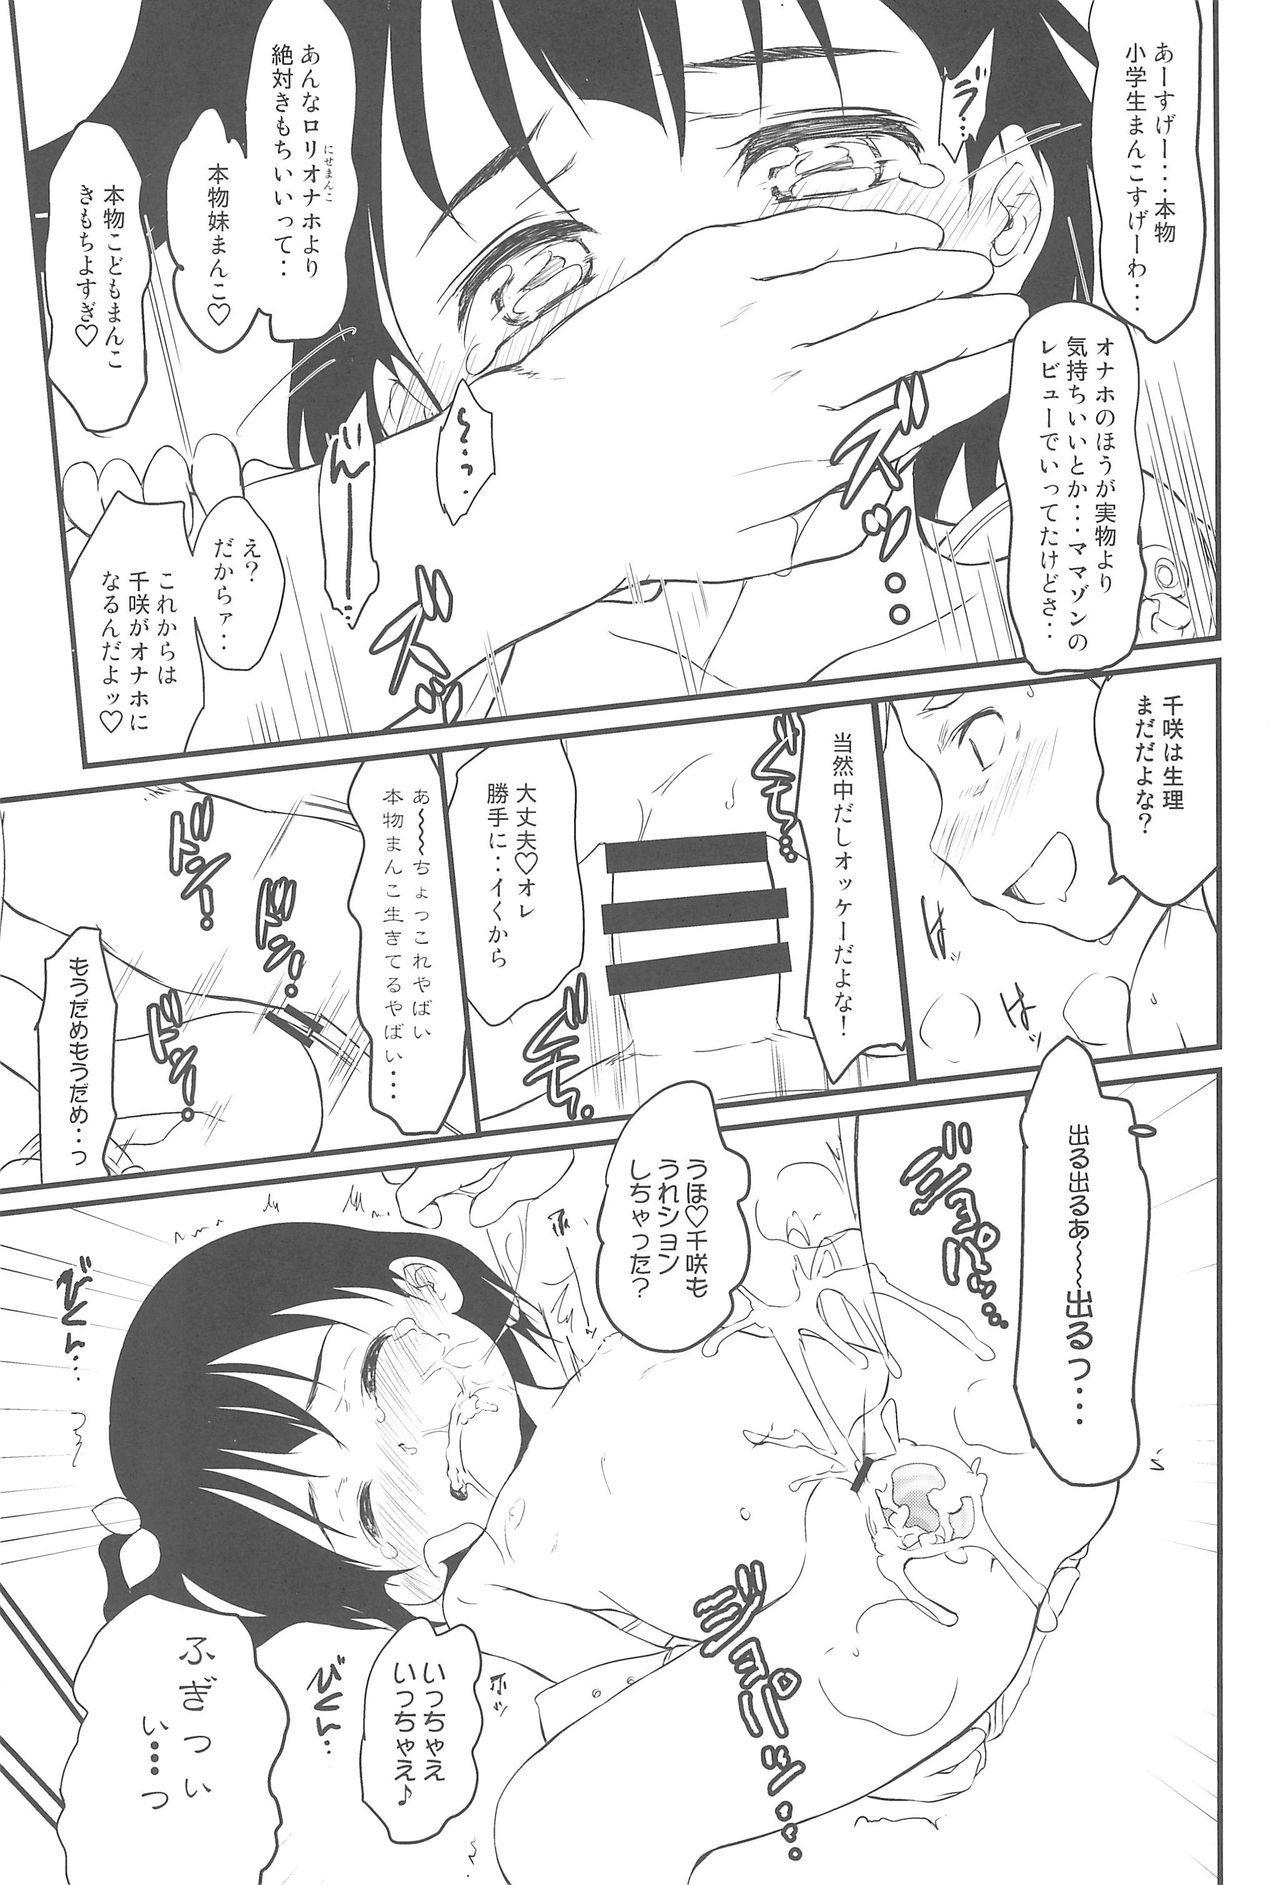 Imouto wa Minna Onii-chan ga Suki! 5 20